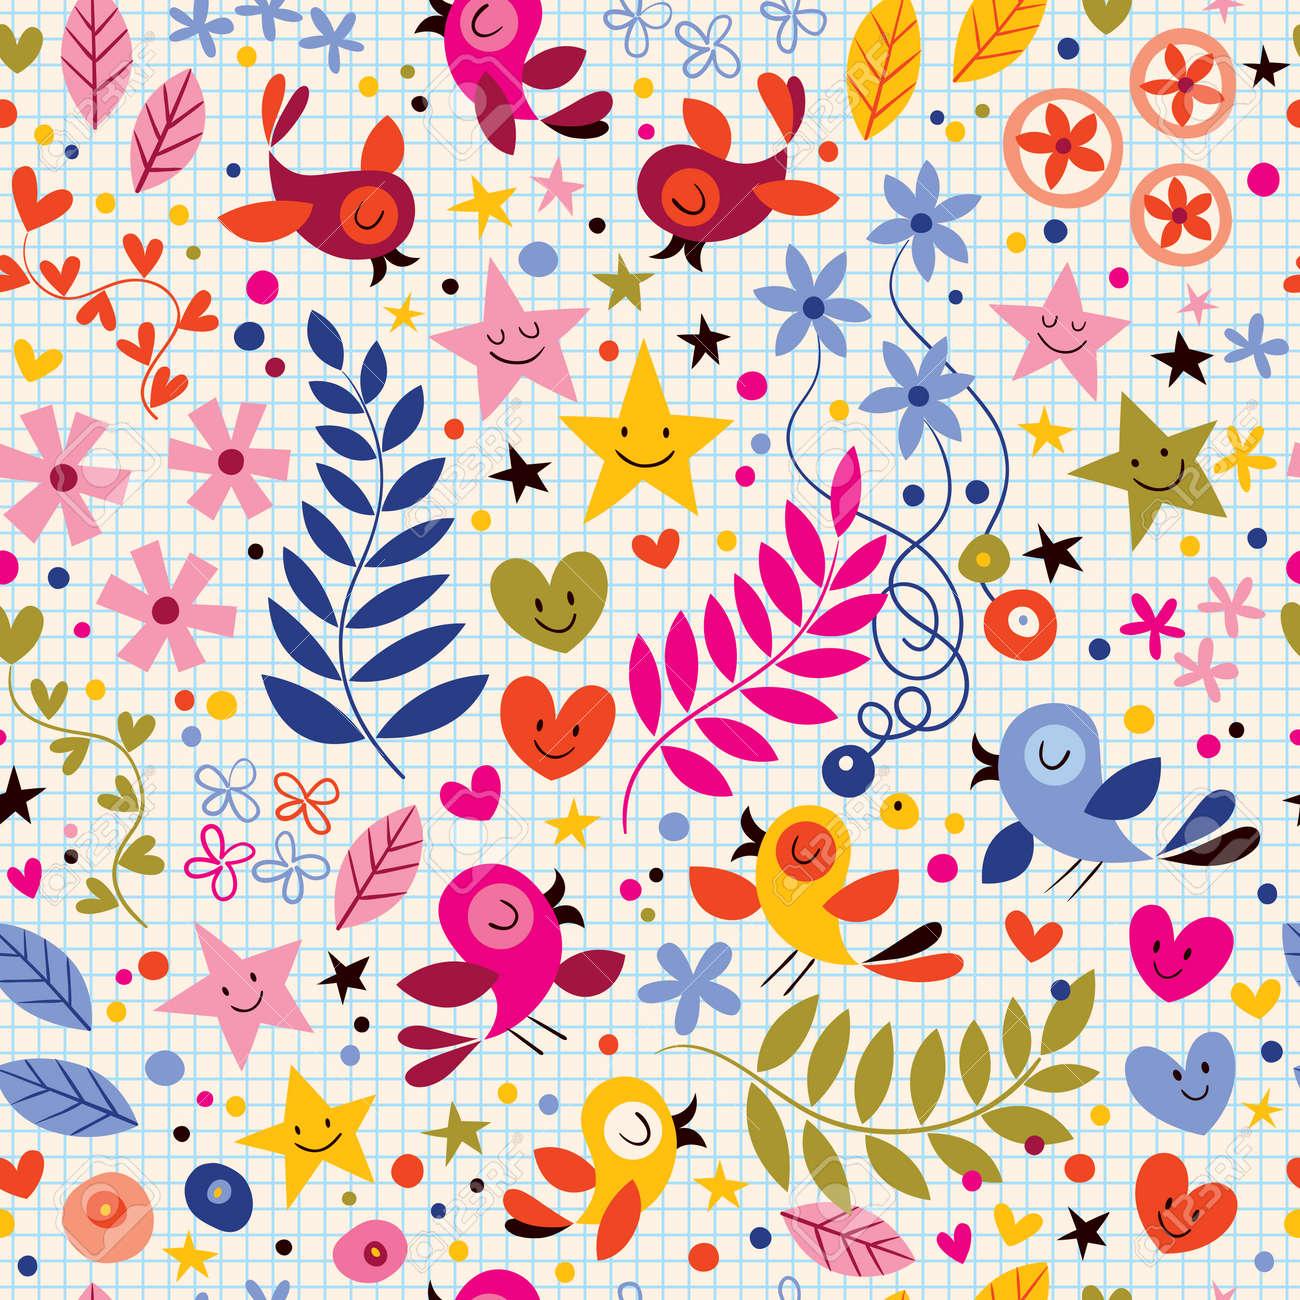 Lindo Pájaros Flores Estrellas Y Corazones Patrón Ilustraciones